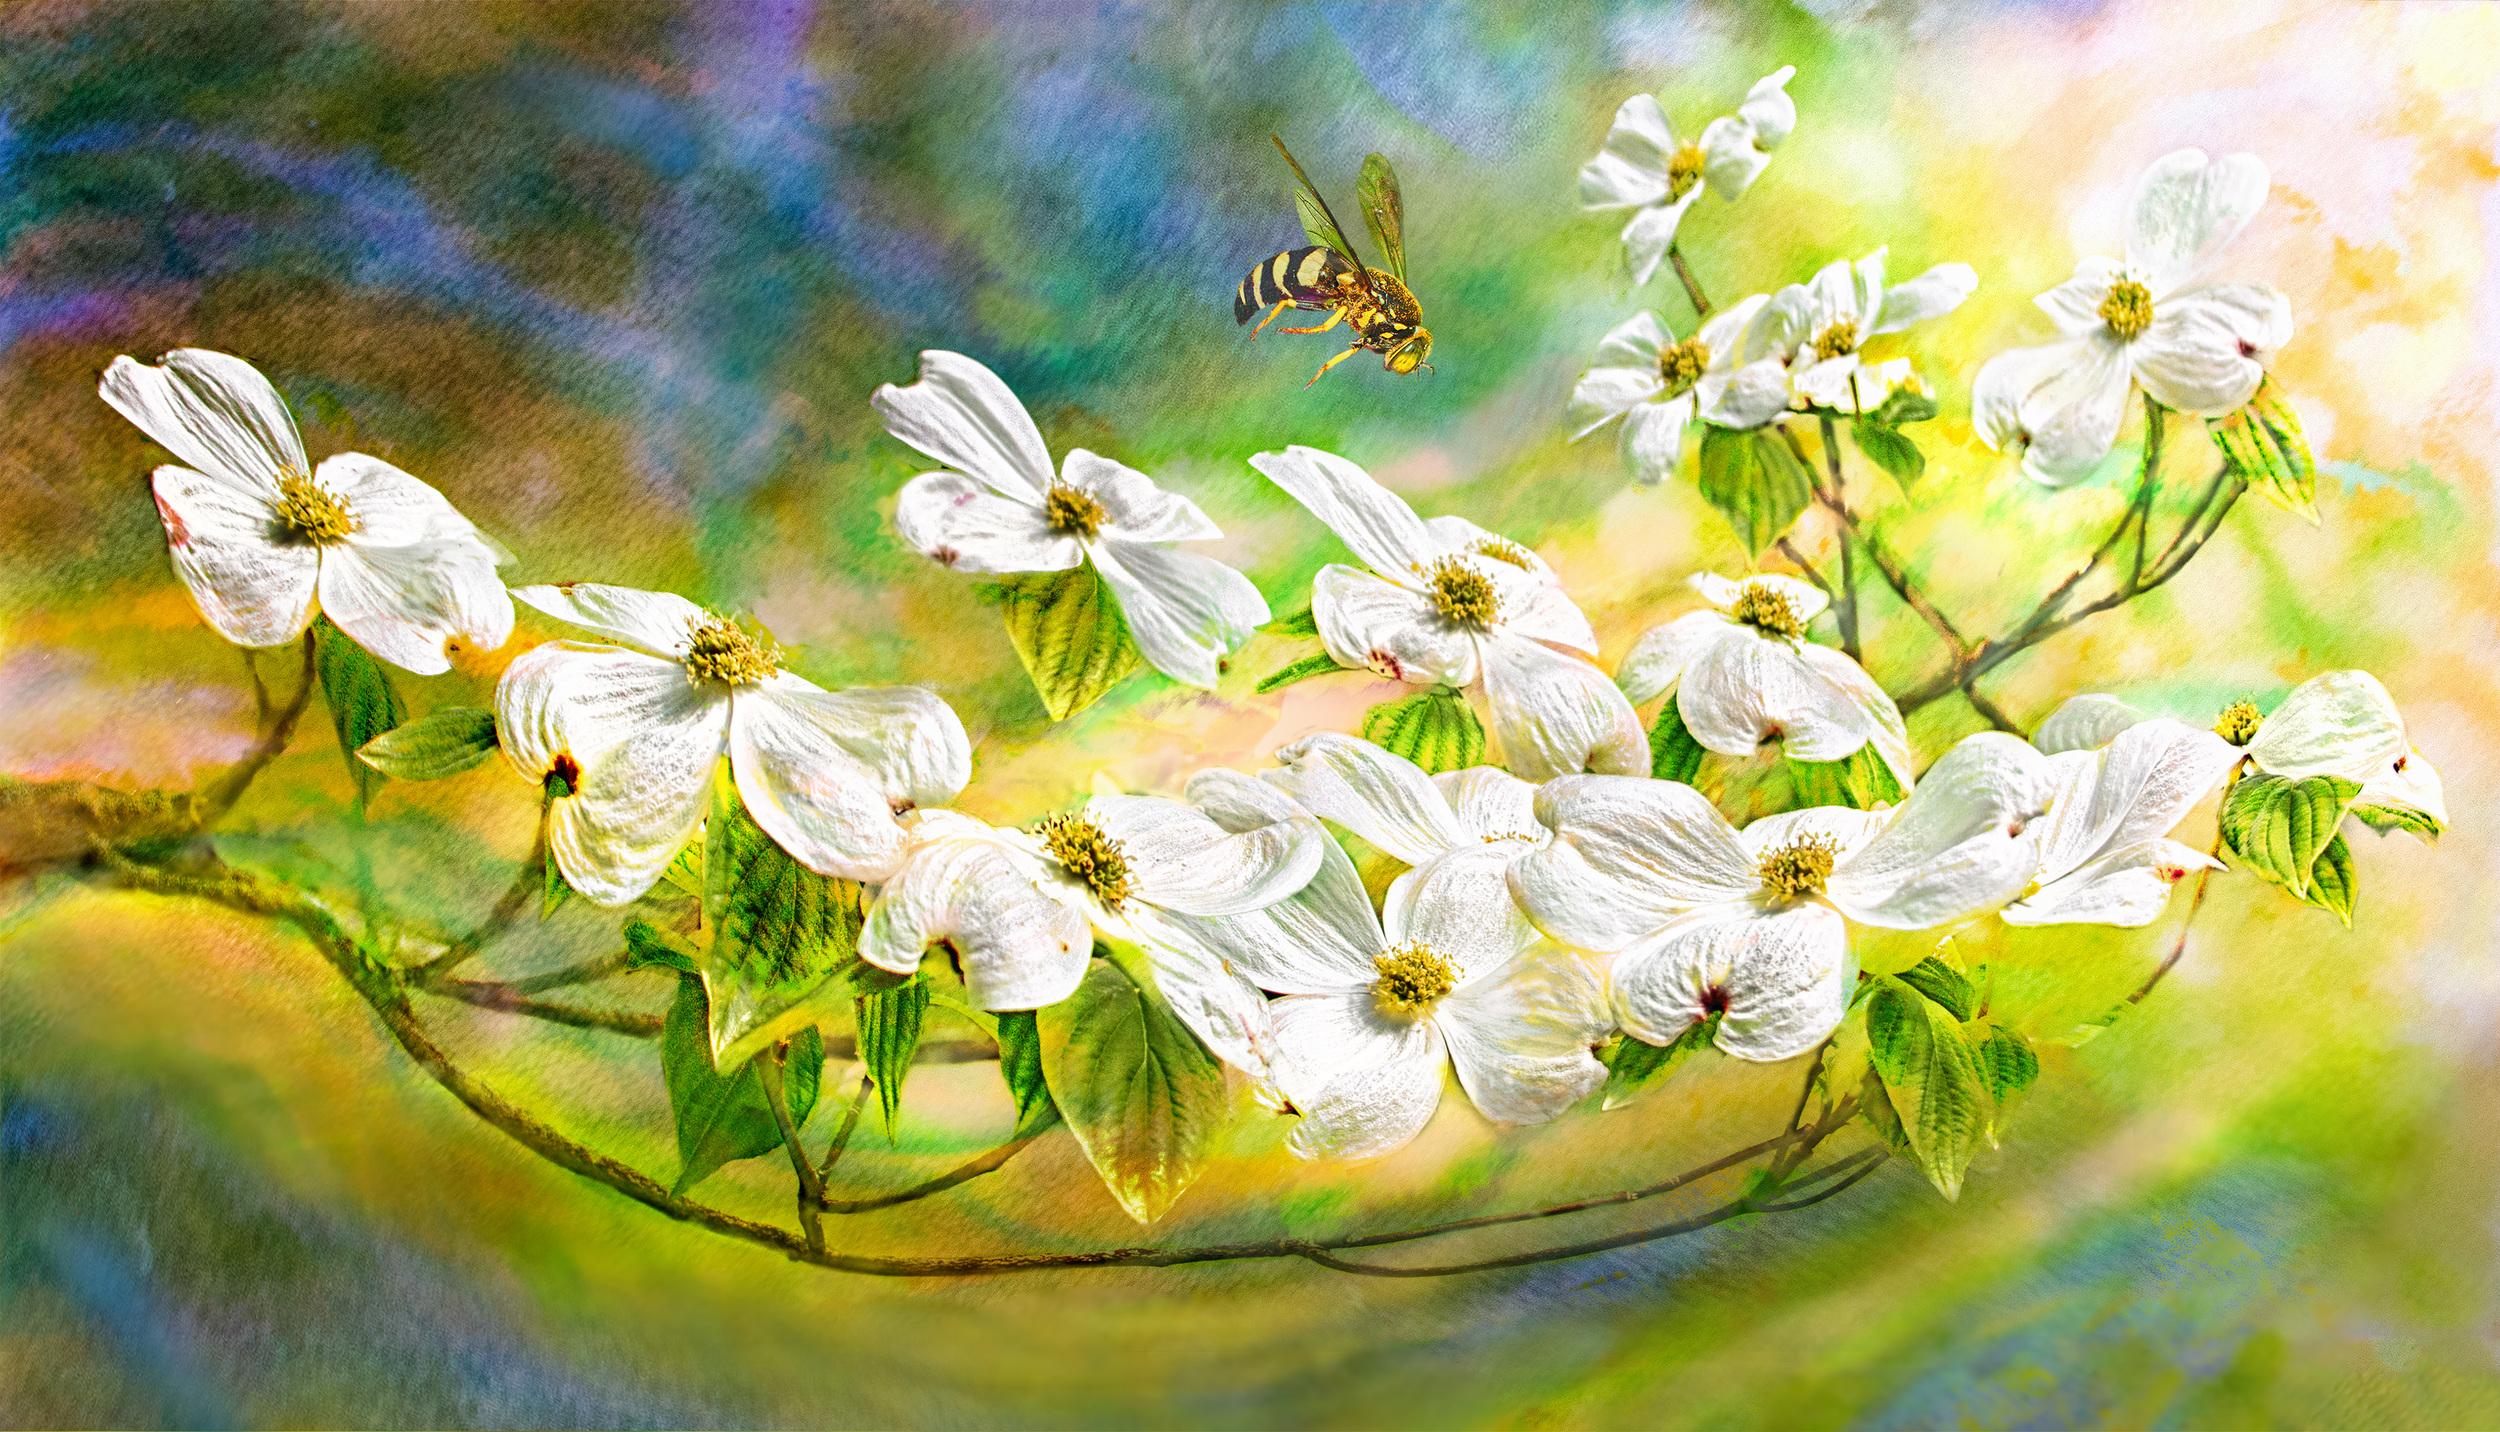 Spirit of Spring IV